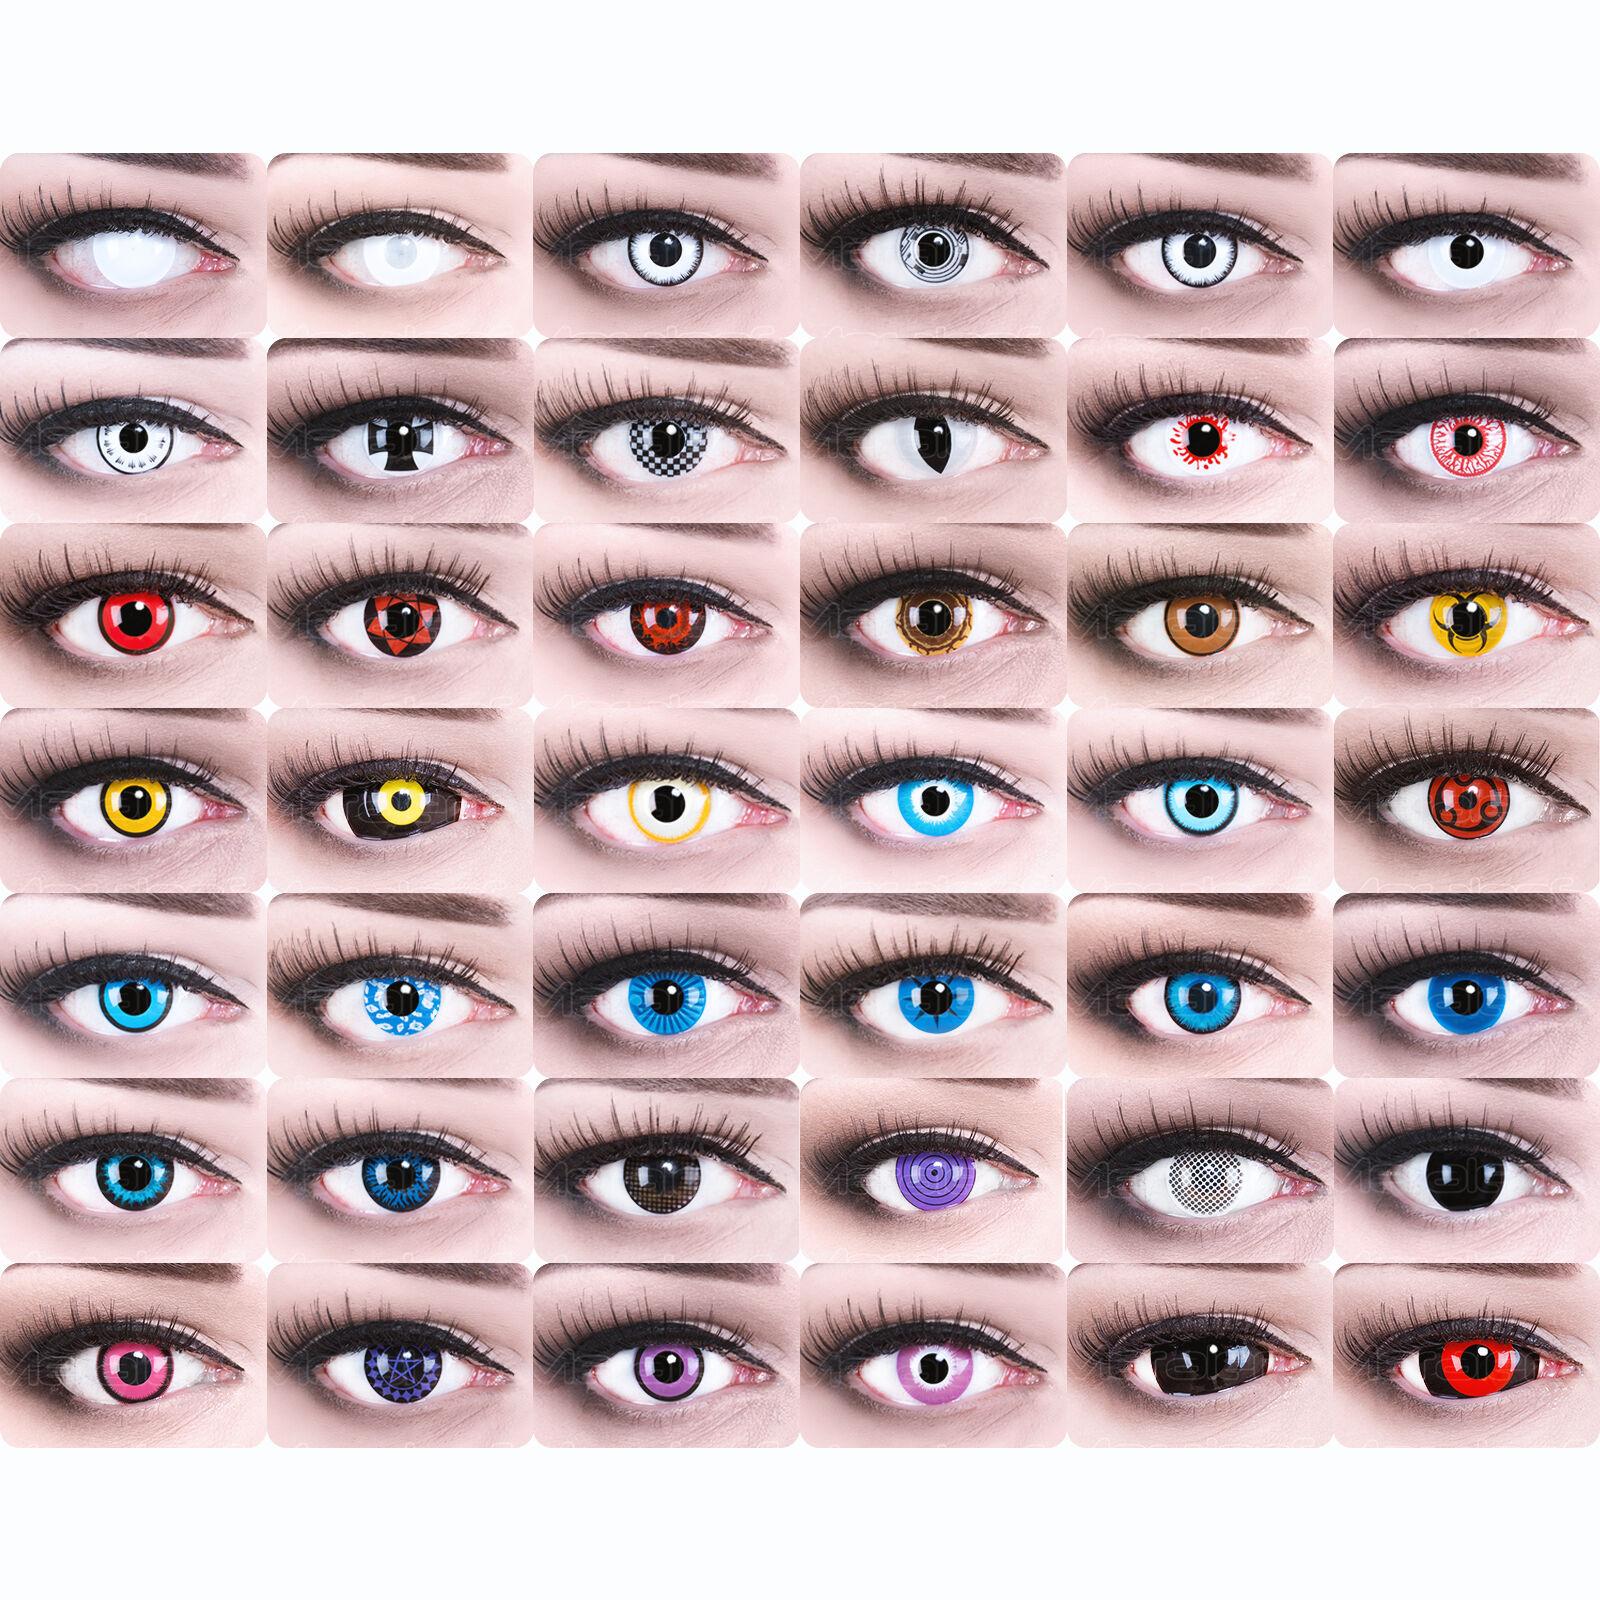 Farbige crazy Kostüm Kontaktlinsen Halloween rote weiße Vampir Zombie Dämonen